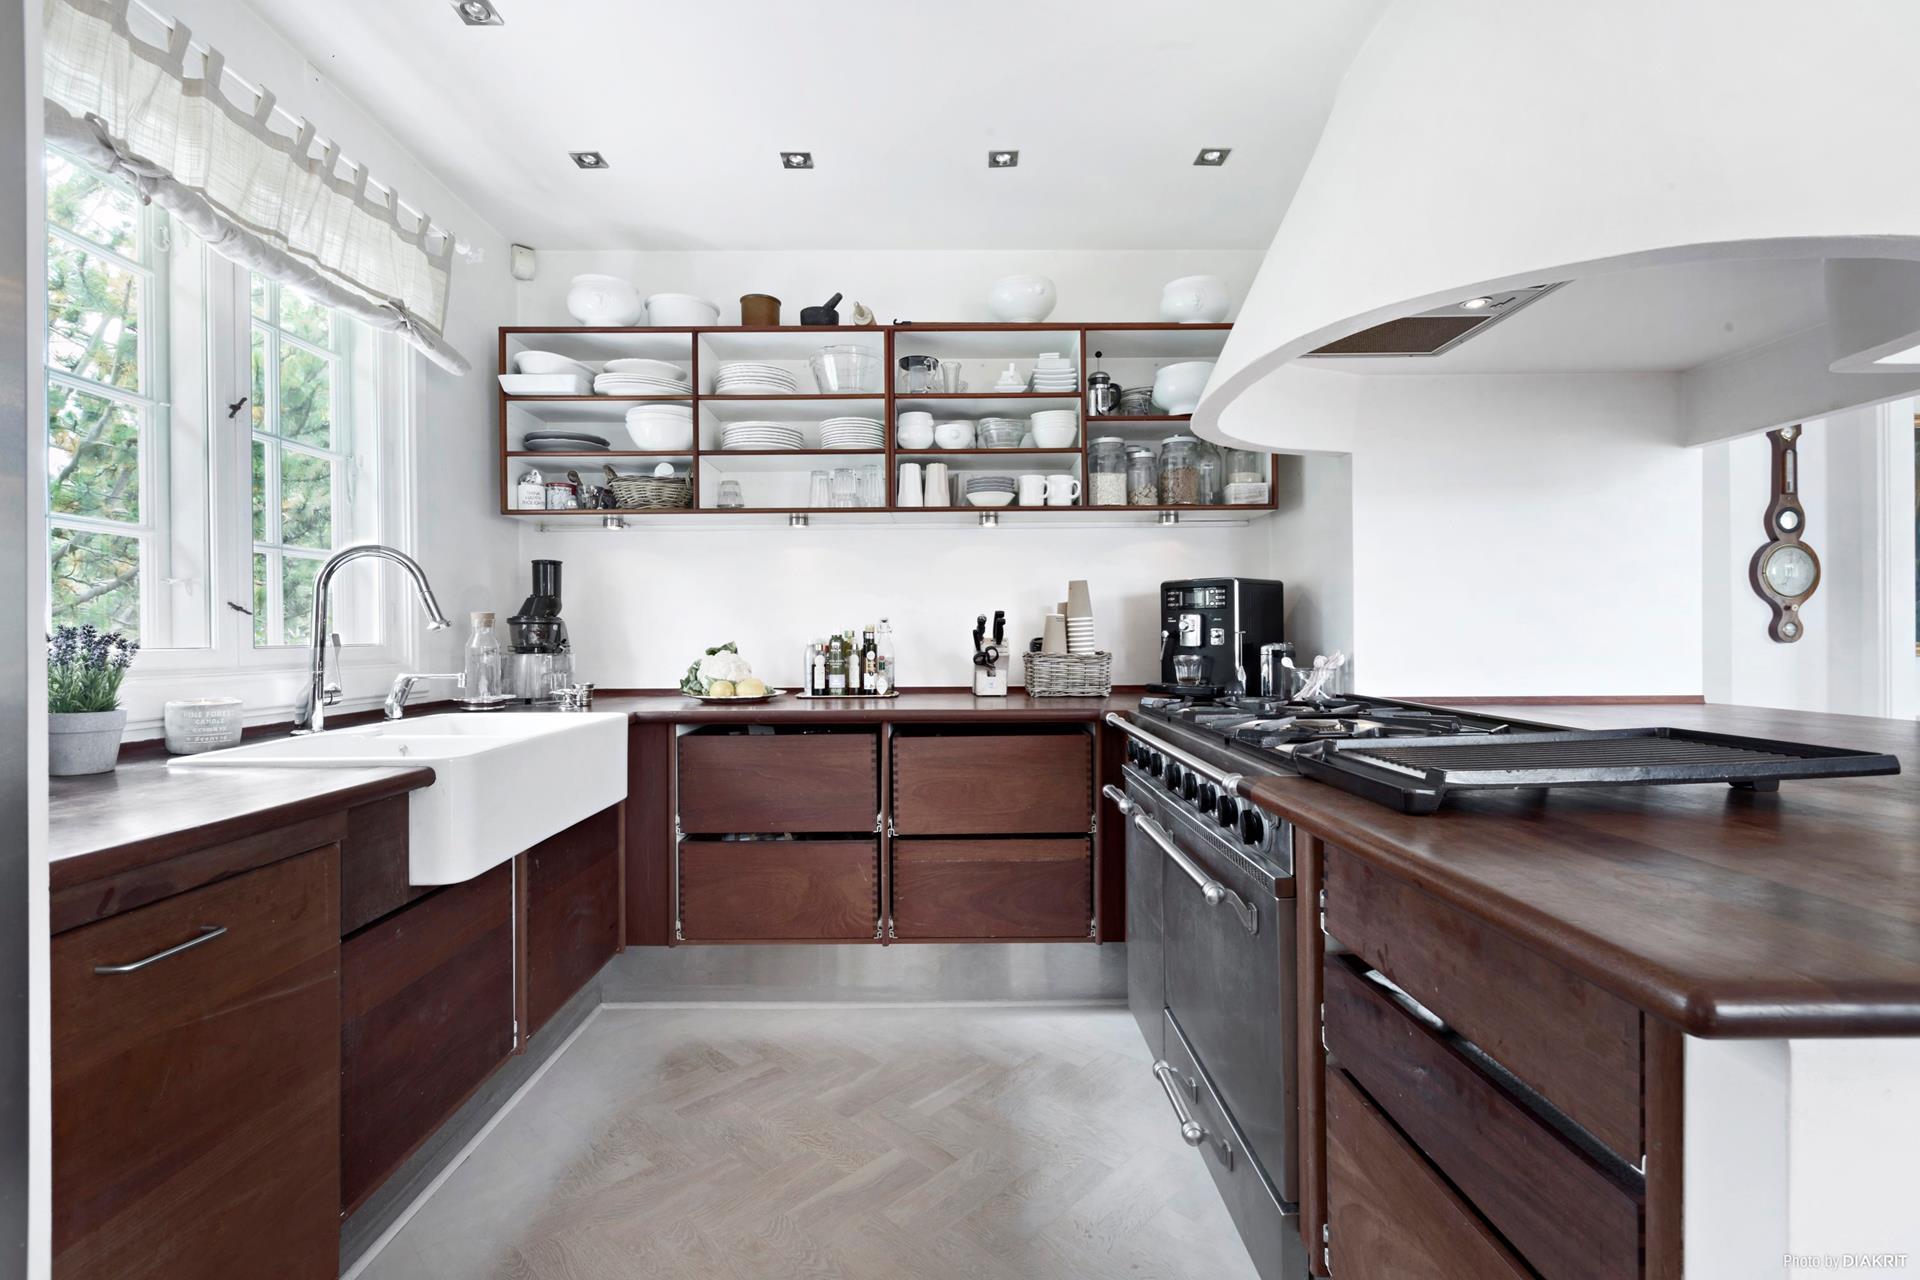 кухня кухонная мебель полки посуда накладная мойка смеситель плита вытяжка